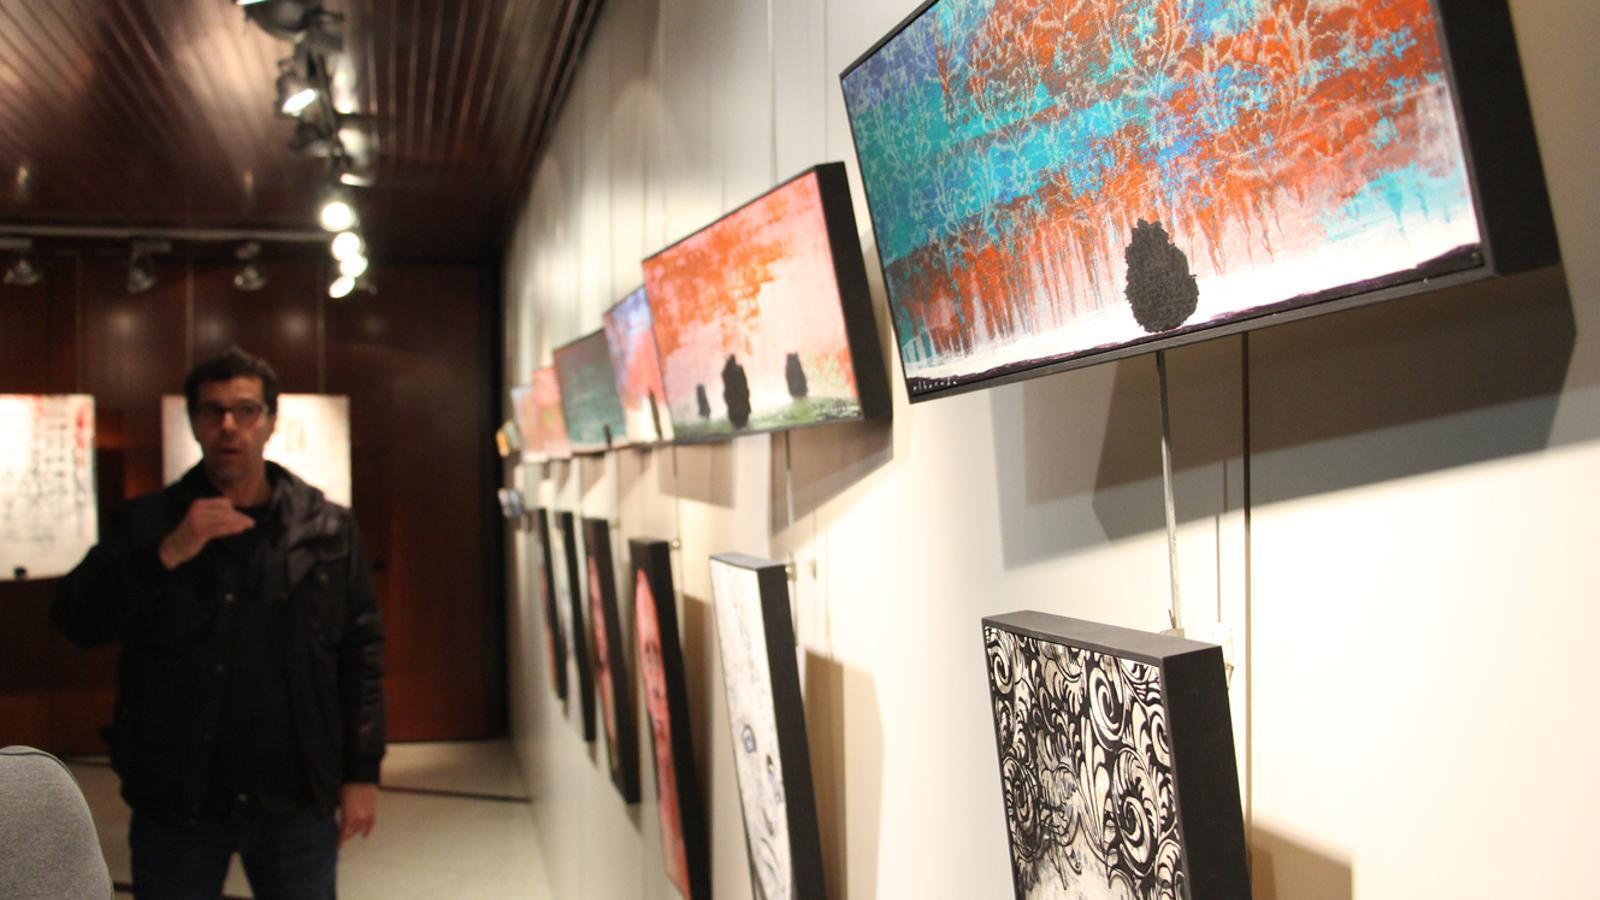 L'artista, Aleix Albareda, i les seves obres. / M. M. (ANA)